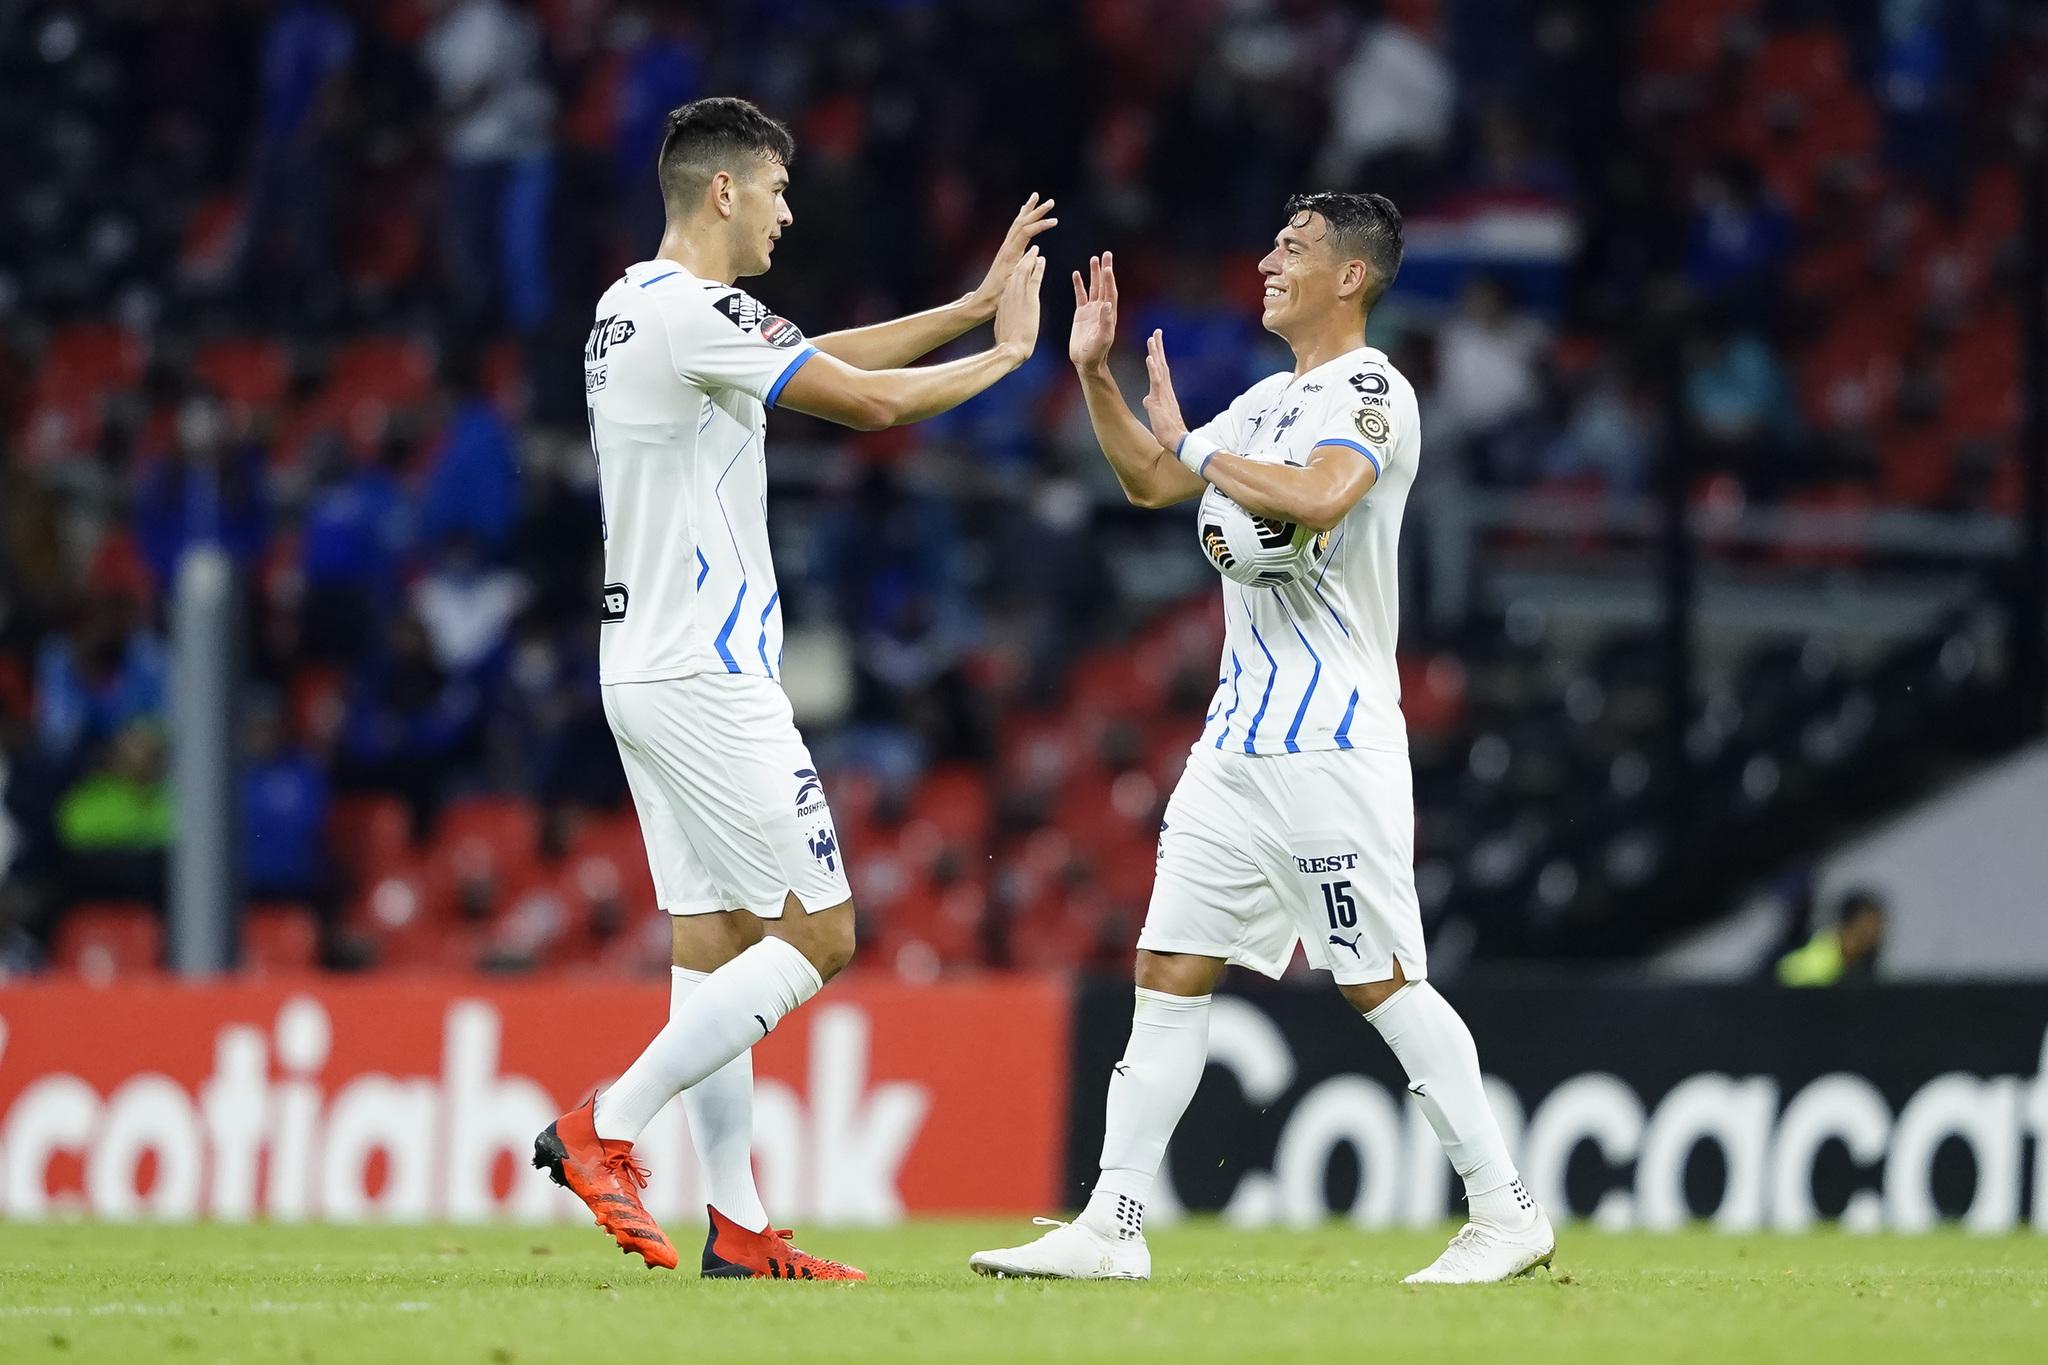 Monterrey vs Tigres: Resumen, goles y mejores jugadas del Clásico Regio del Apertura 2021 de Liga MX